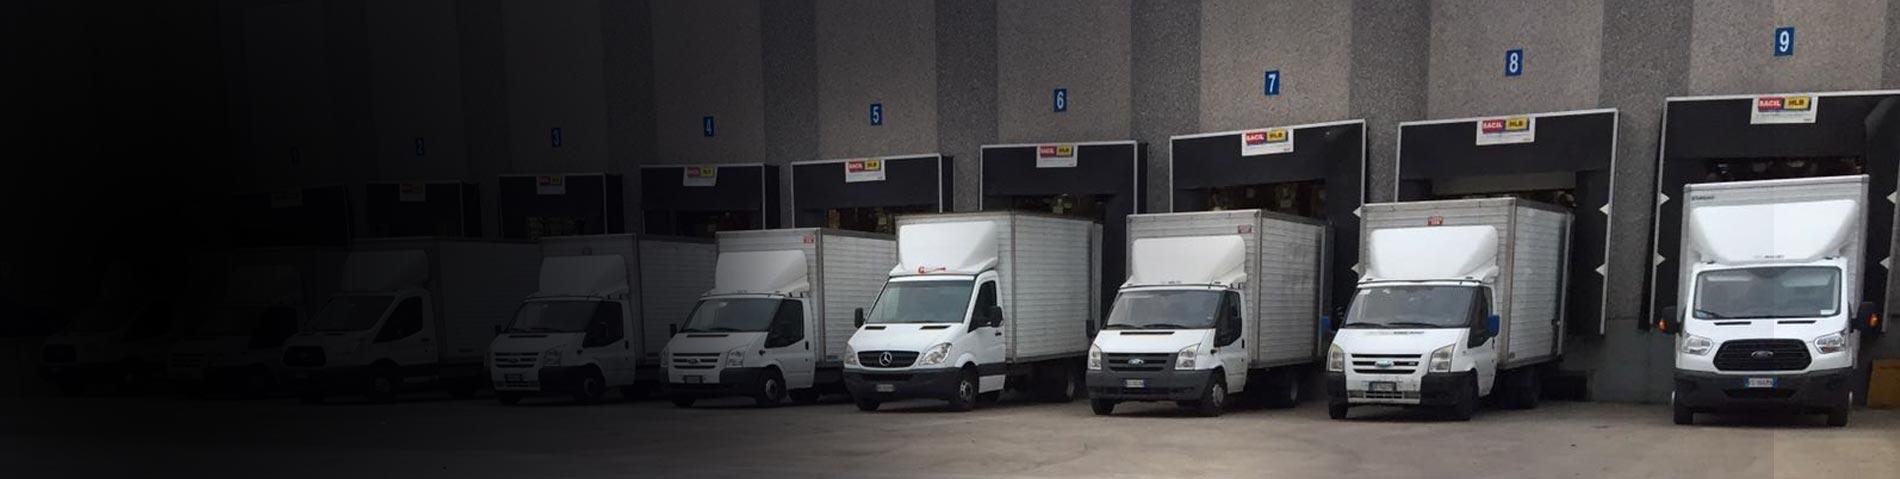 trasporto-merci-nazionali-gomma-monza-brianza